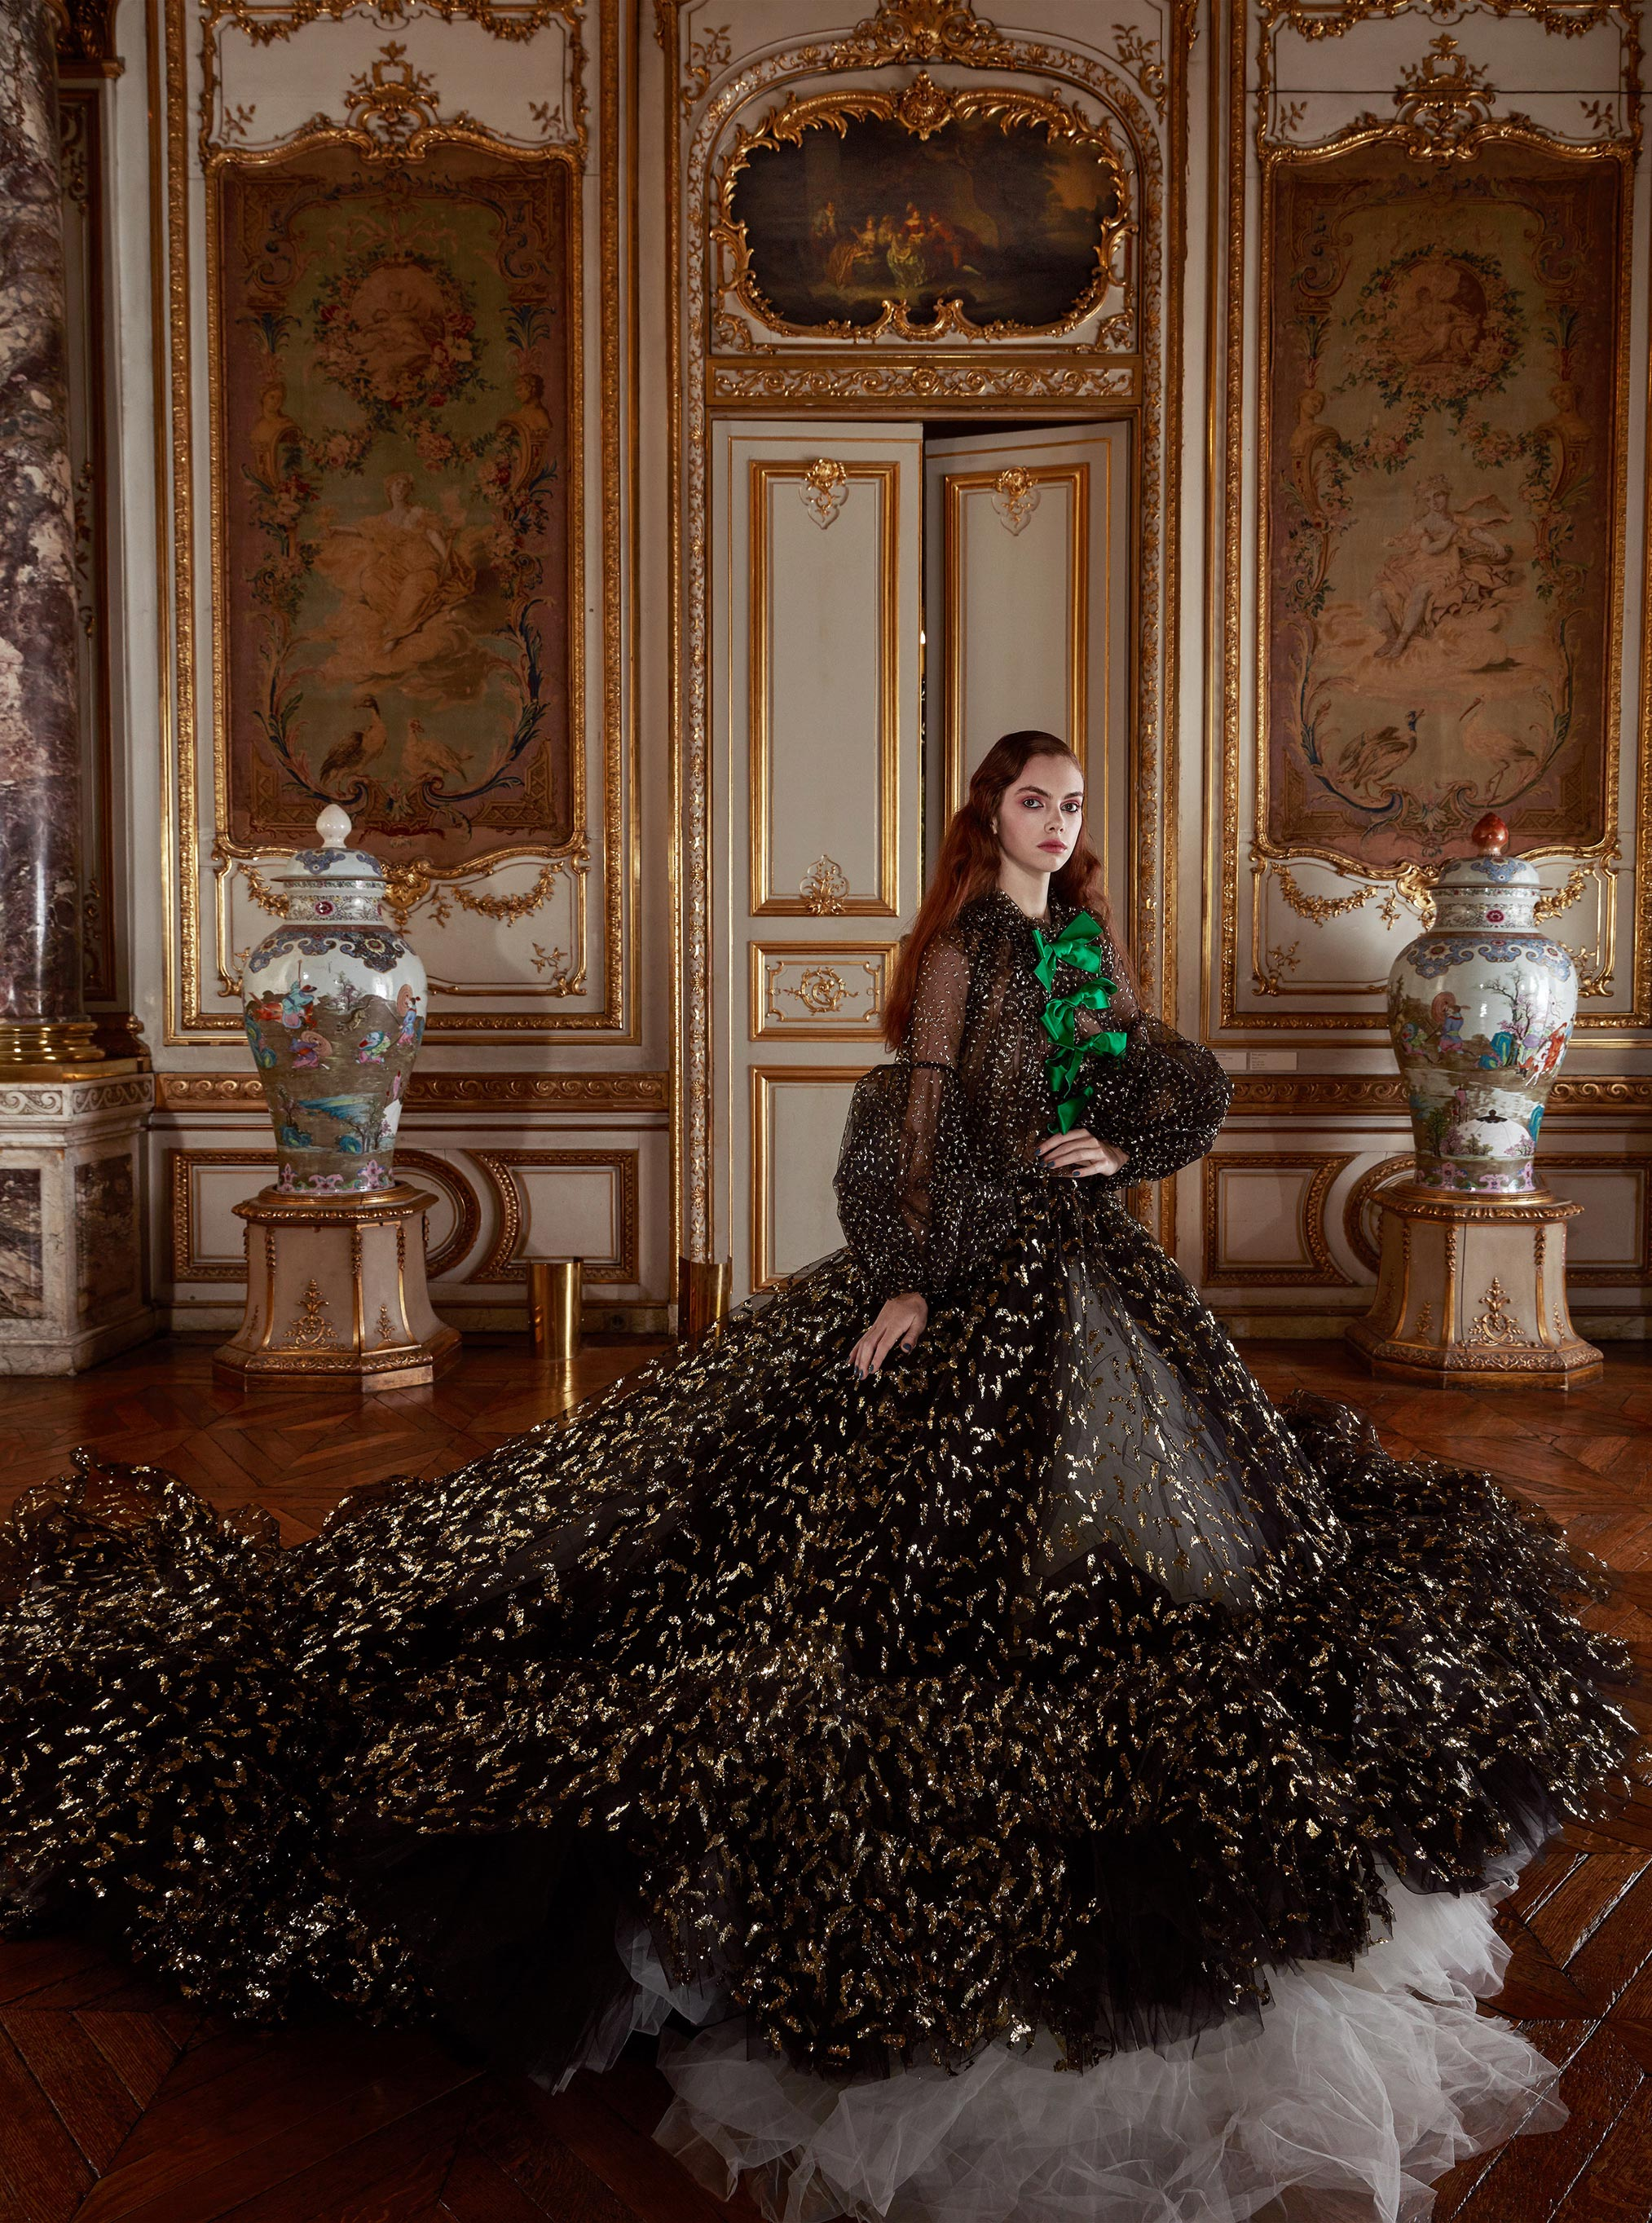 Лоана Жульен демонстрирует образцы высокой моды / фото 02